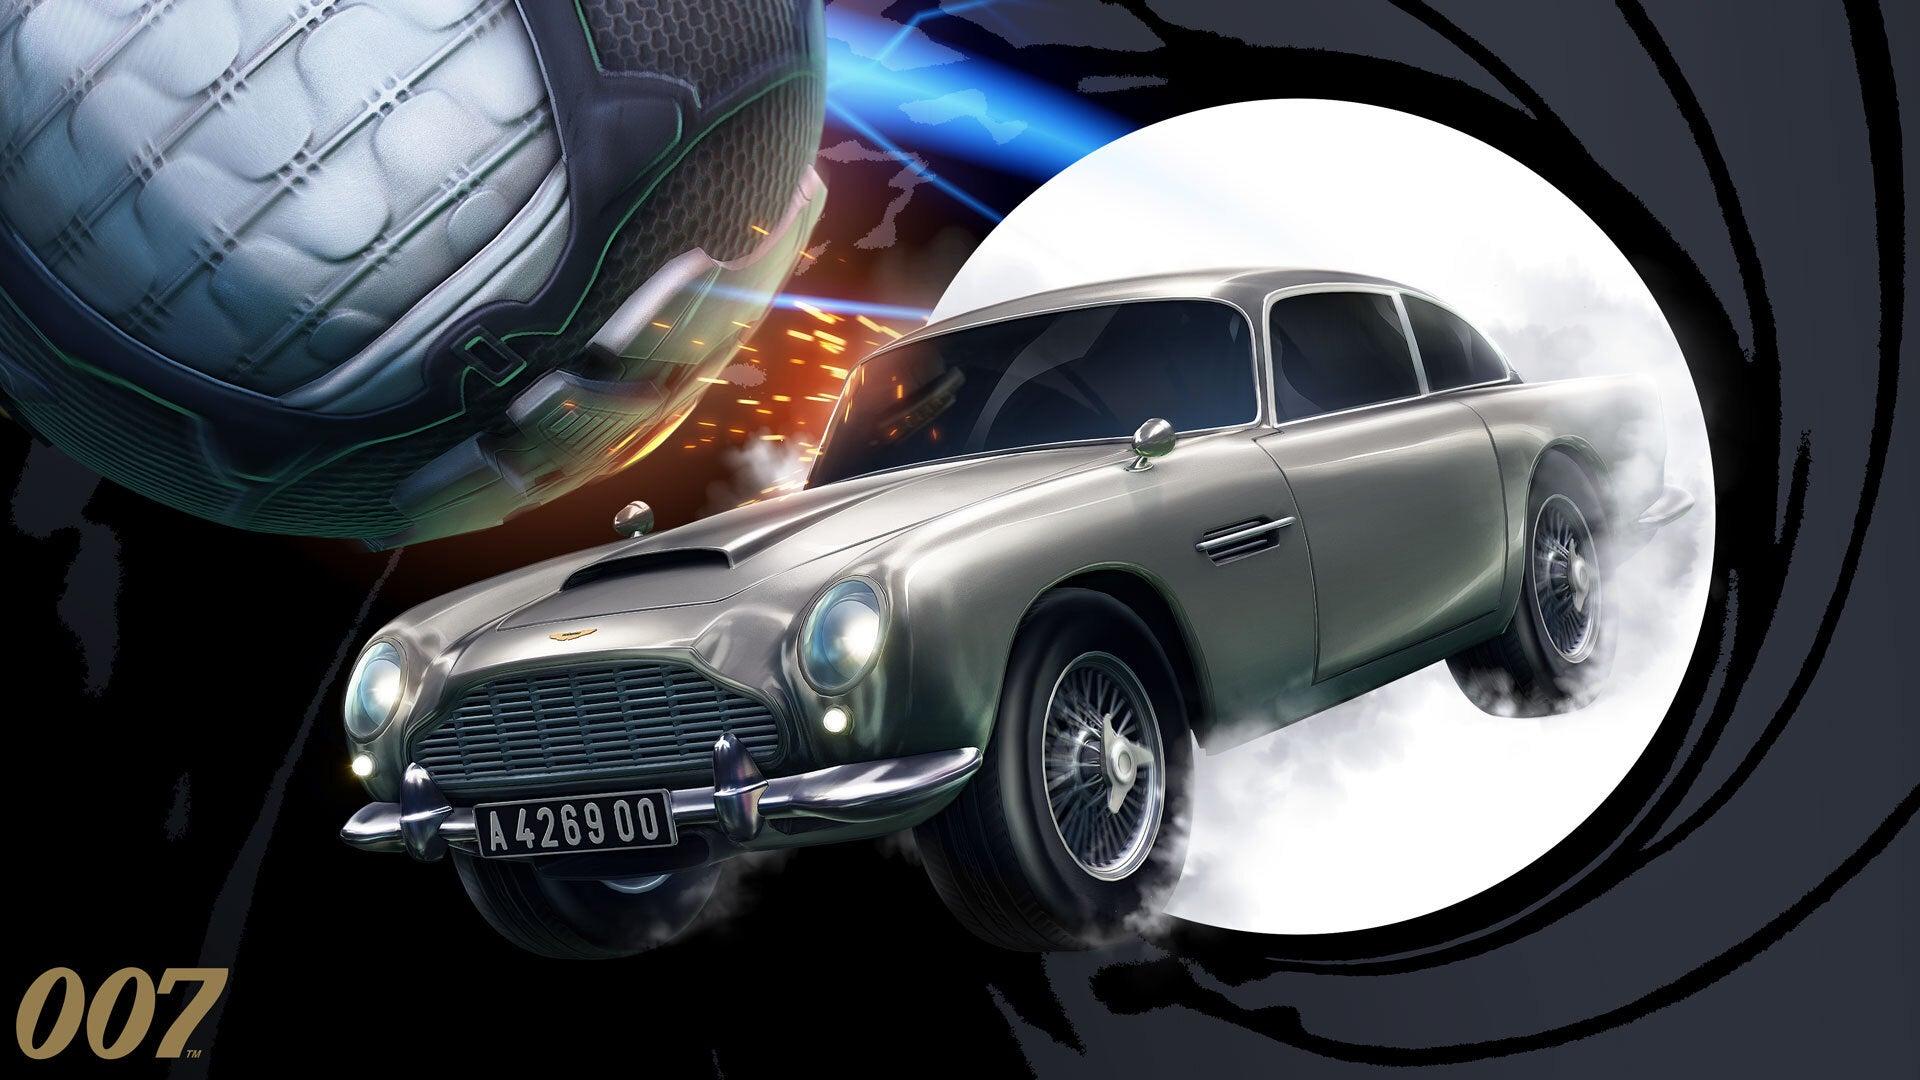 James Bond Rocket League